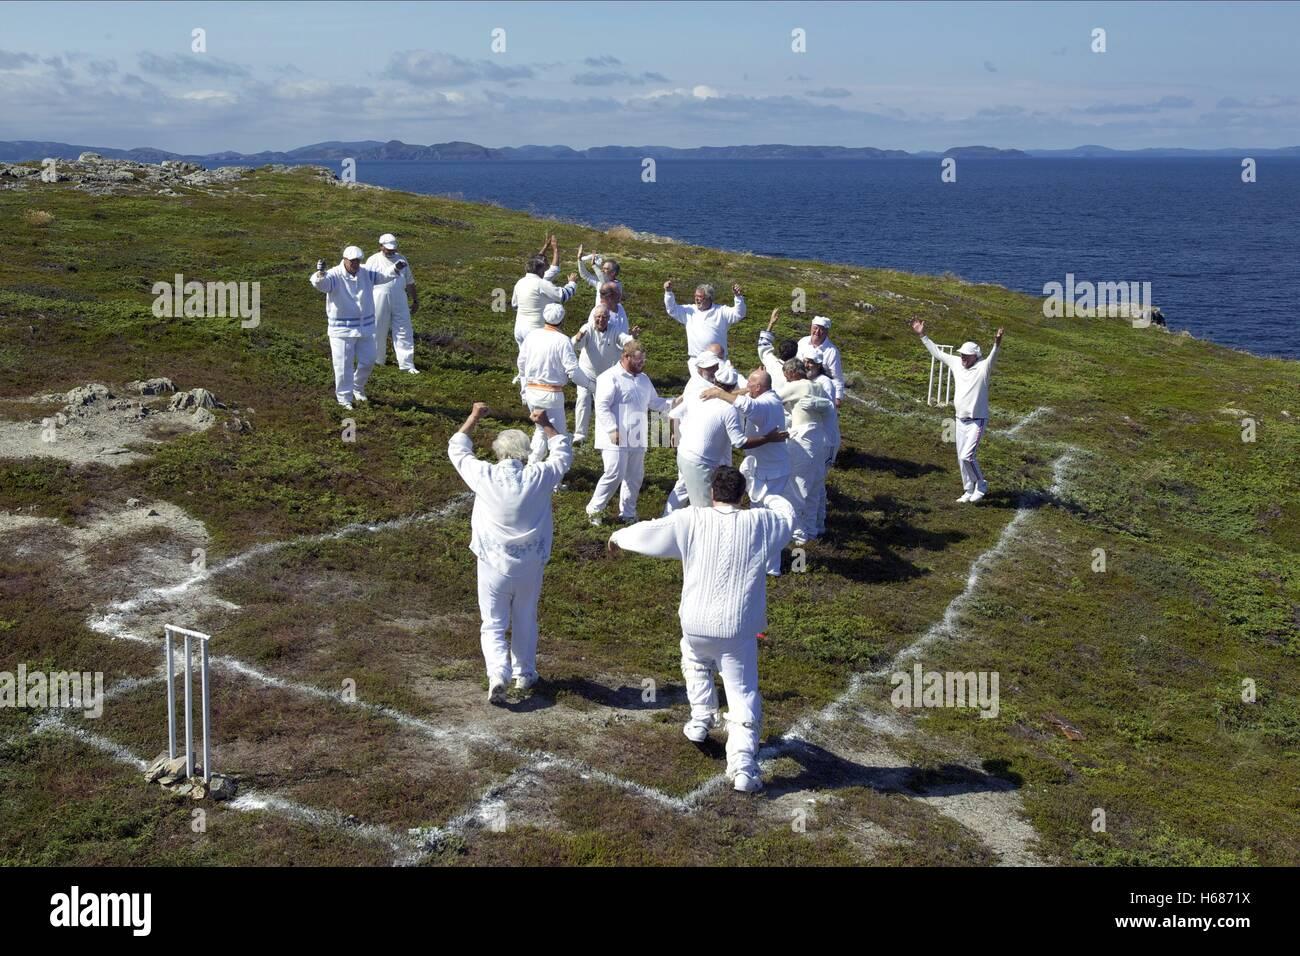 Partita di cricket in scena la grand seduzione (2013) Immagini Stock